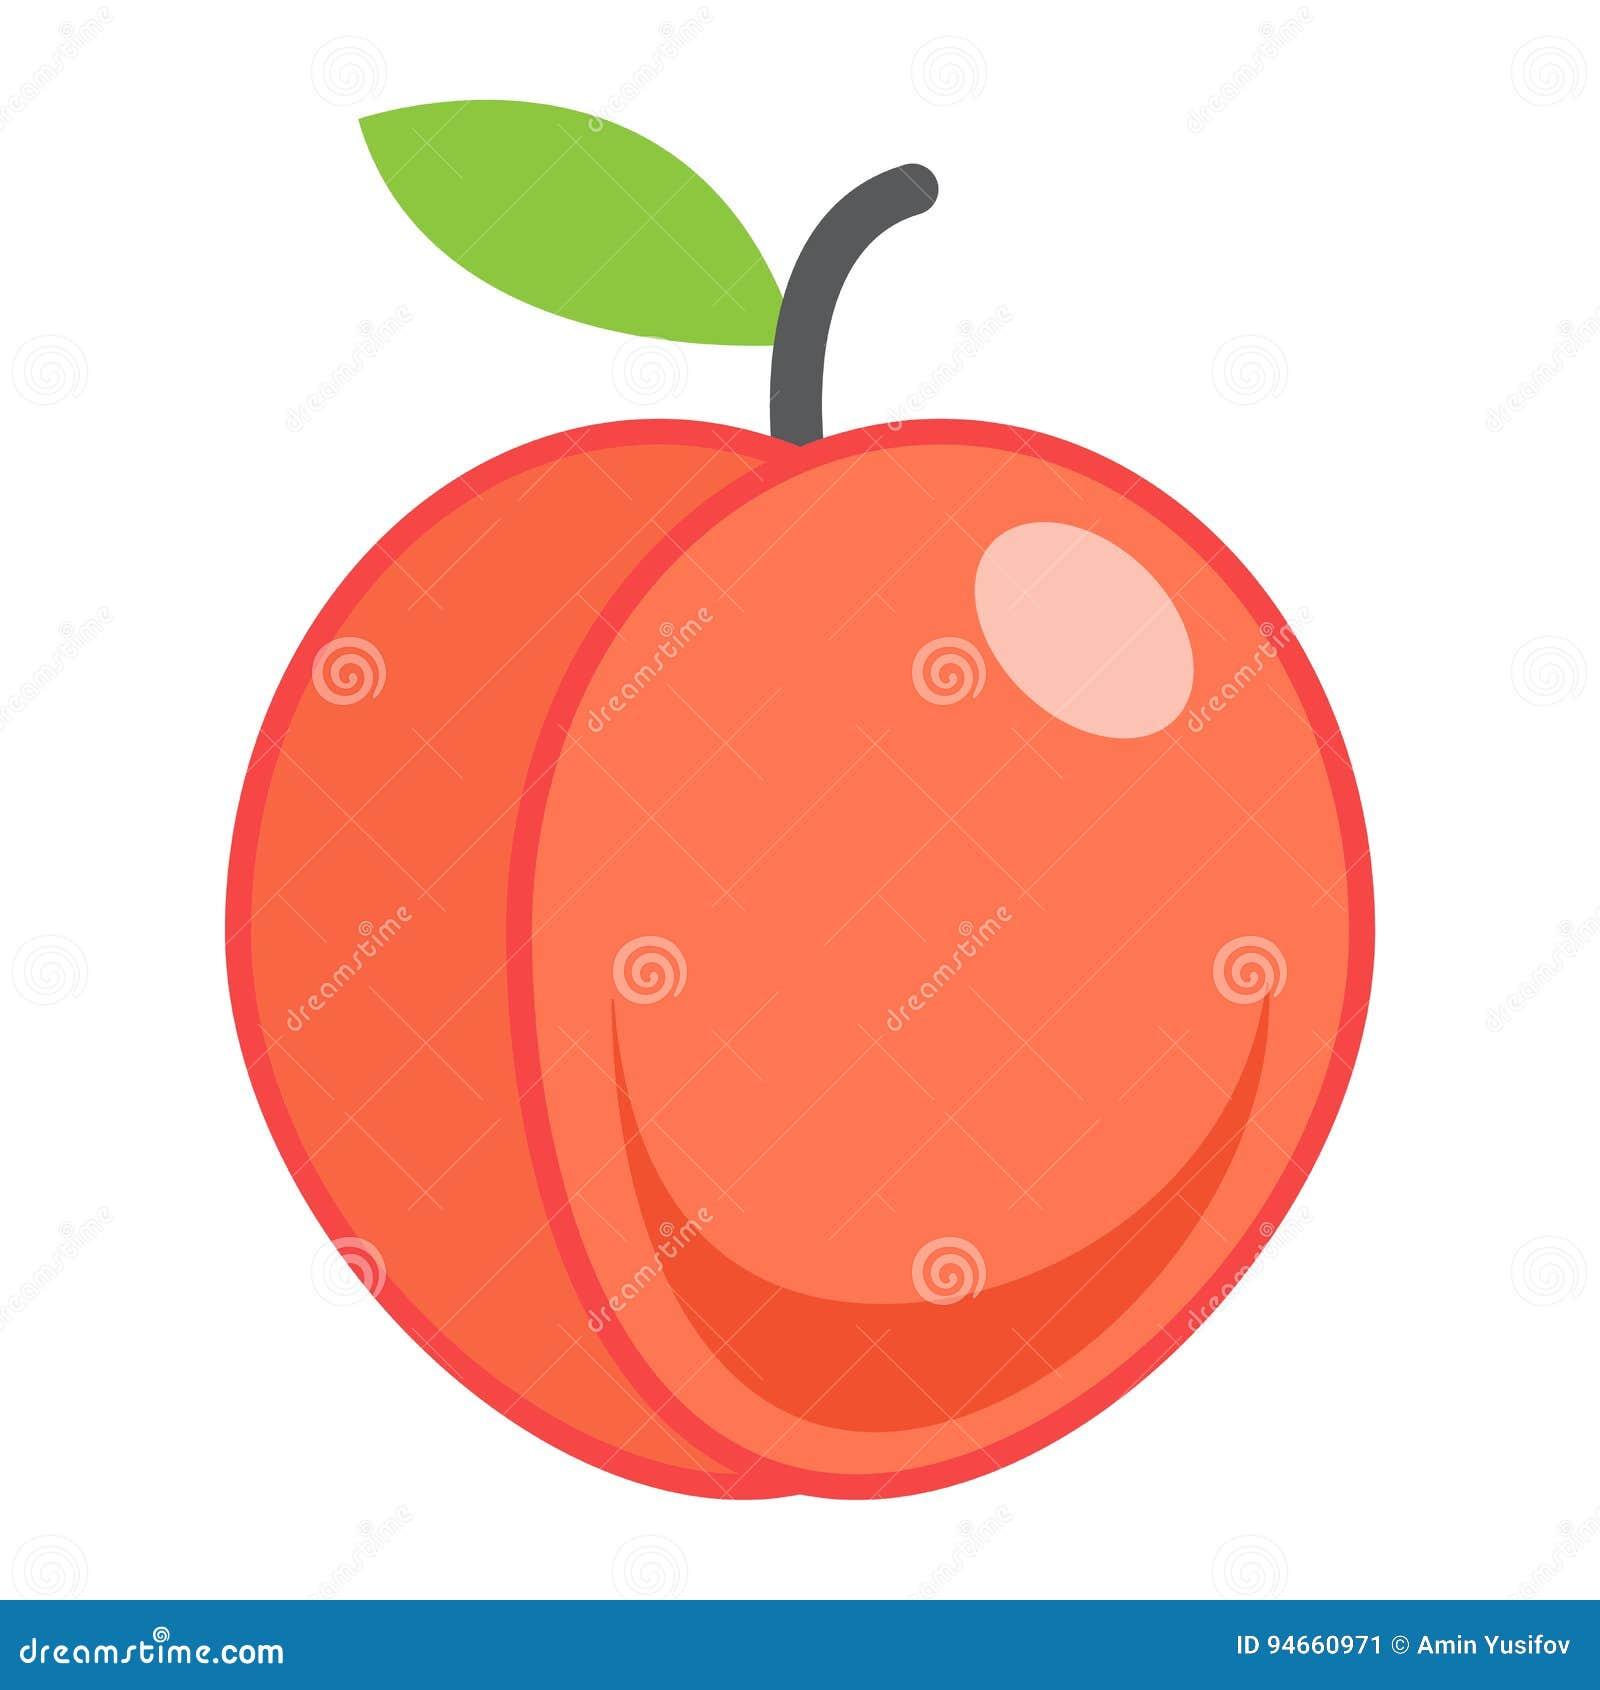 Επίπεδες εικονίδιο ροδάκινων, φρούτα και διατροφή, διάνυσμα γραφικό